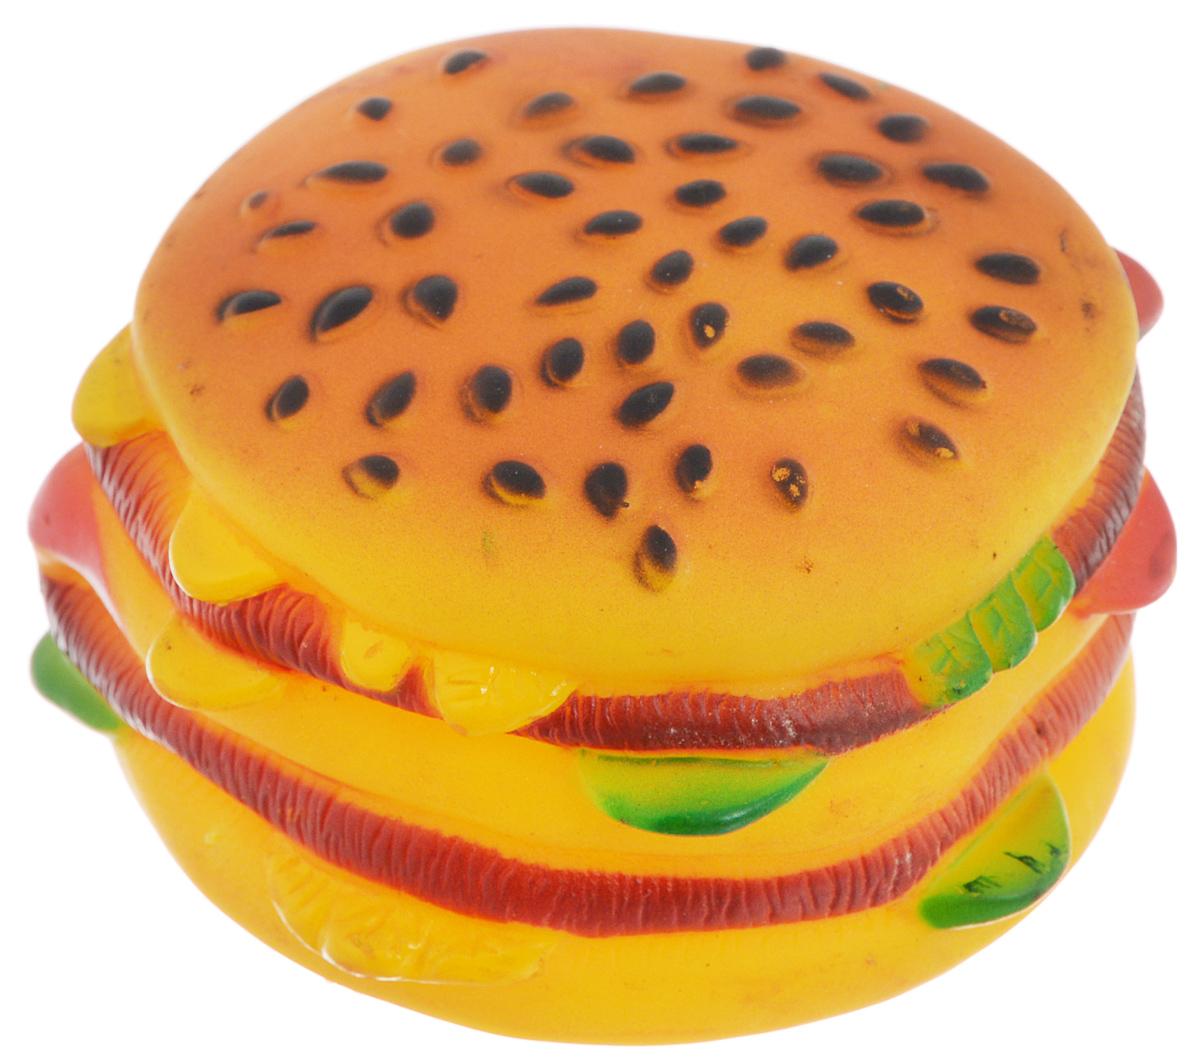 Игрушка для животных Каскад Гамбургер,диаметр 7,5 см75088Игрушка Каскад Гамбургер изготовлена из прочной и долговечной резины, устойчивой к разгрызанию. Необычная и забавная игрушка прекрасно подойдет для собак, любящих игрушки с пищалками. Такая игрушка порадует вашего любимца, а вам доставит массу приятных эмоций, ведь наблюдать за игрой всегда интересно и приятно. Диаметр: 7,5 см.